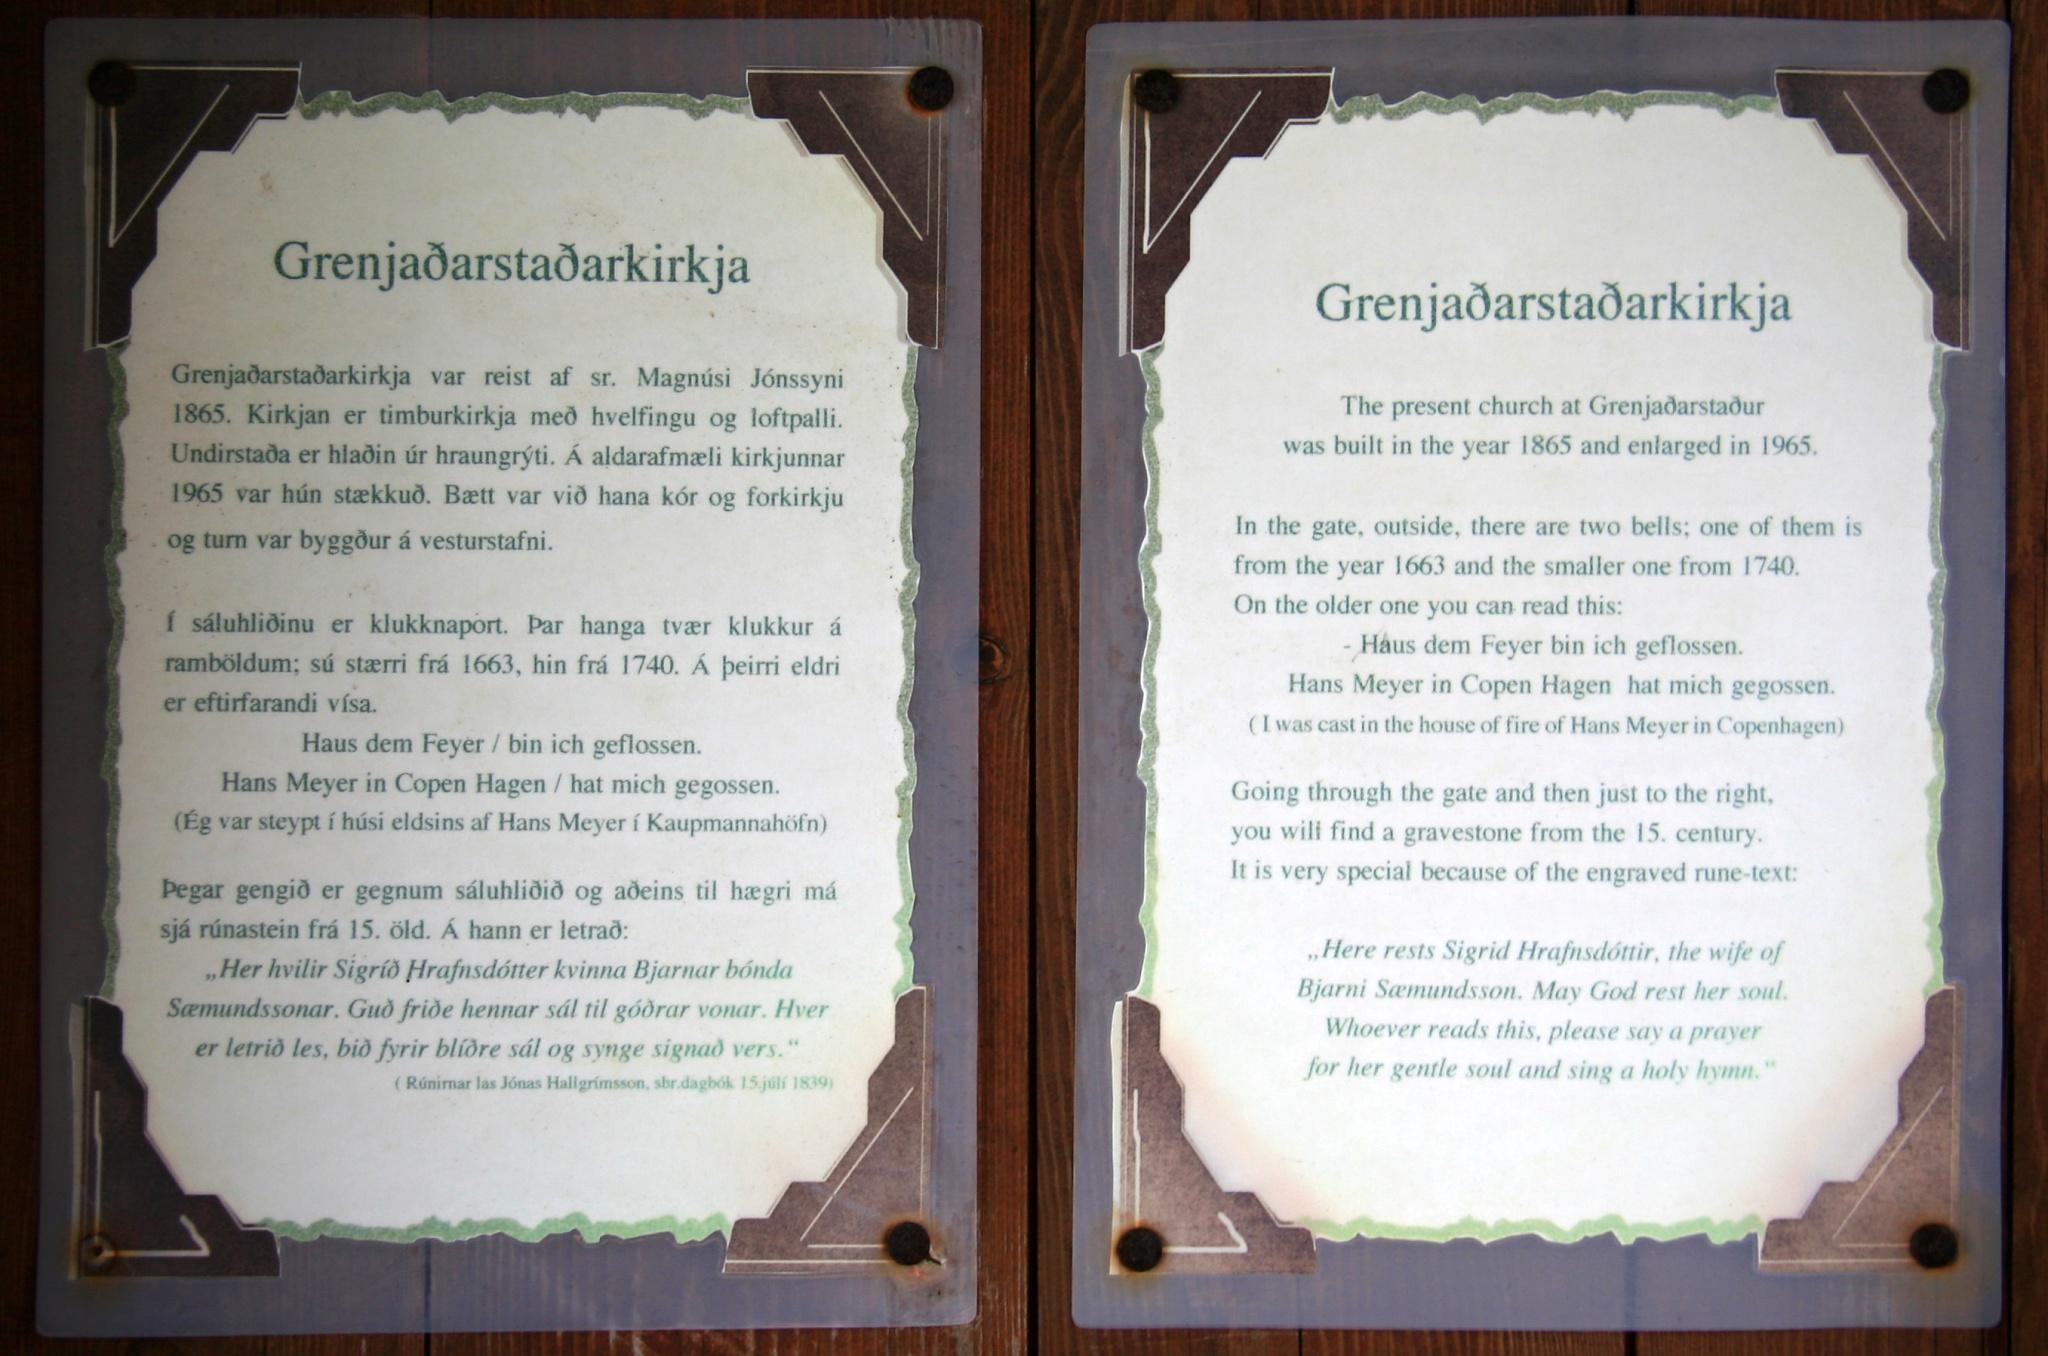 Informace o kostelu Grenjaðarstaðakirkja z 19. století